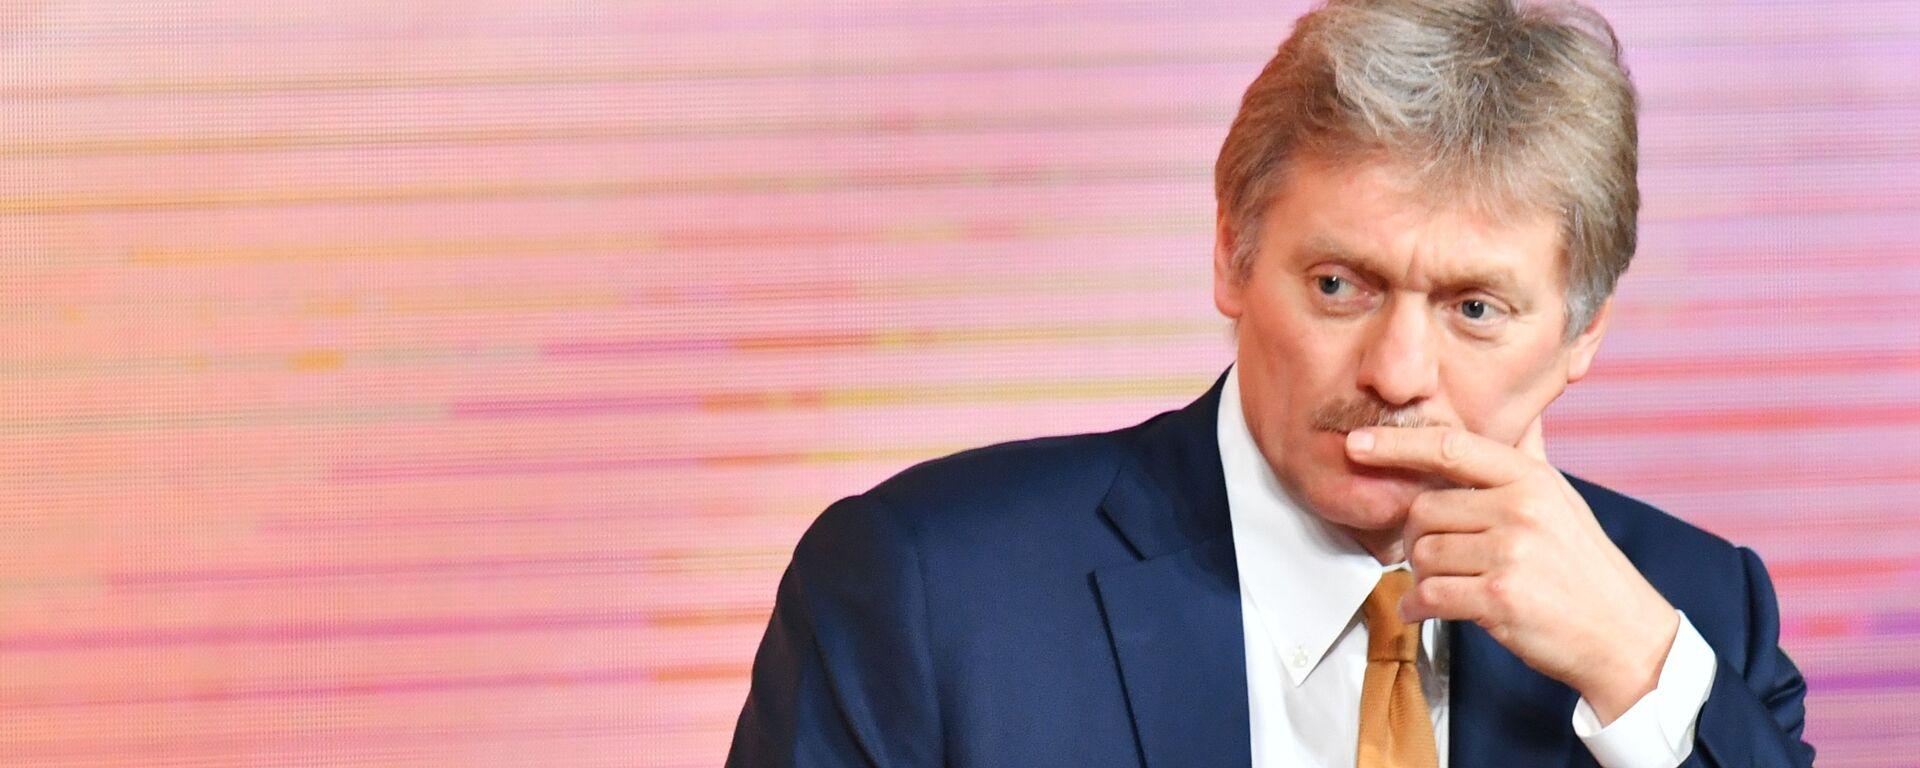 Tiskový mluvčí ruského prezidenta Dmitrij Peskov  během konference - Sputnik Česká republika, 1920, 15.07.2021